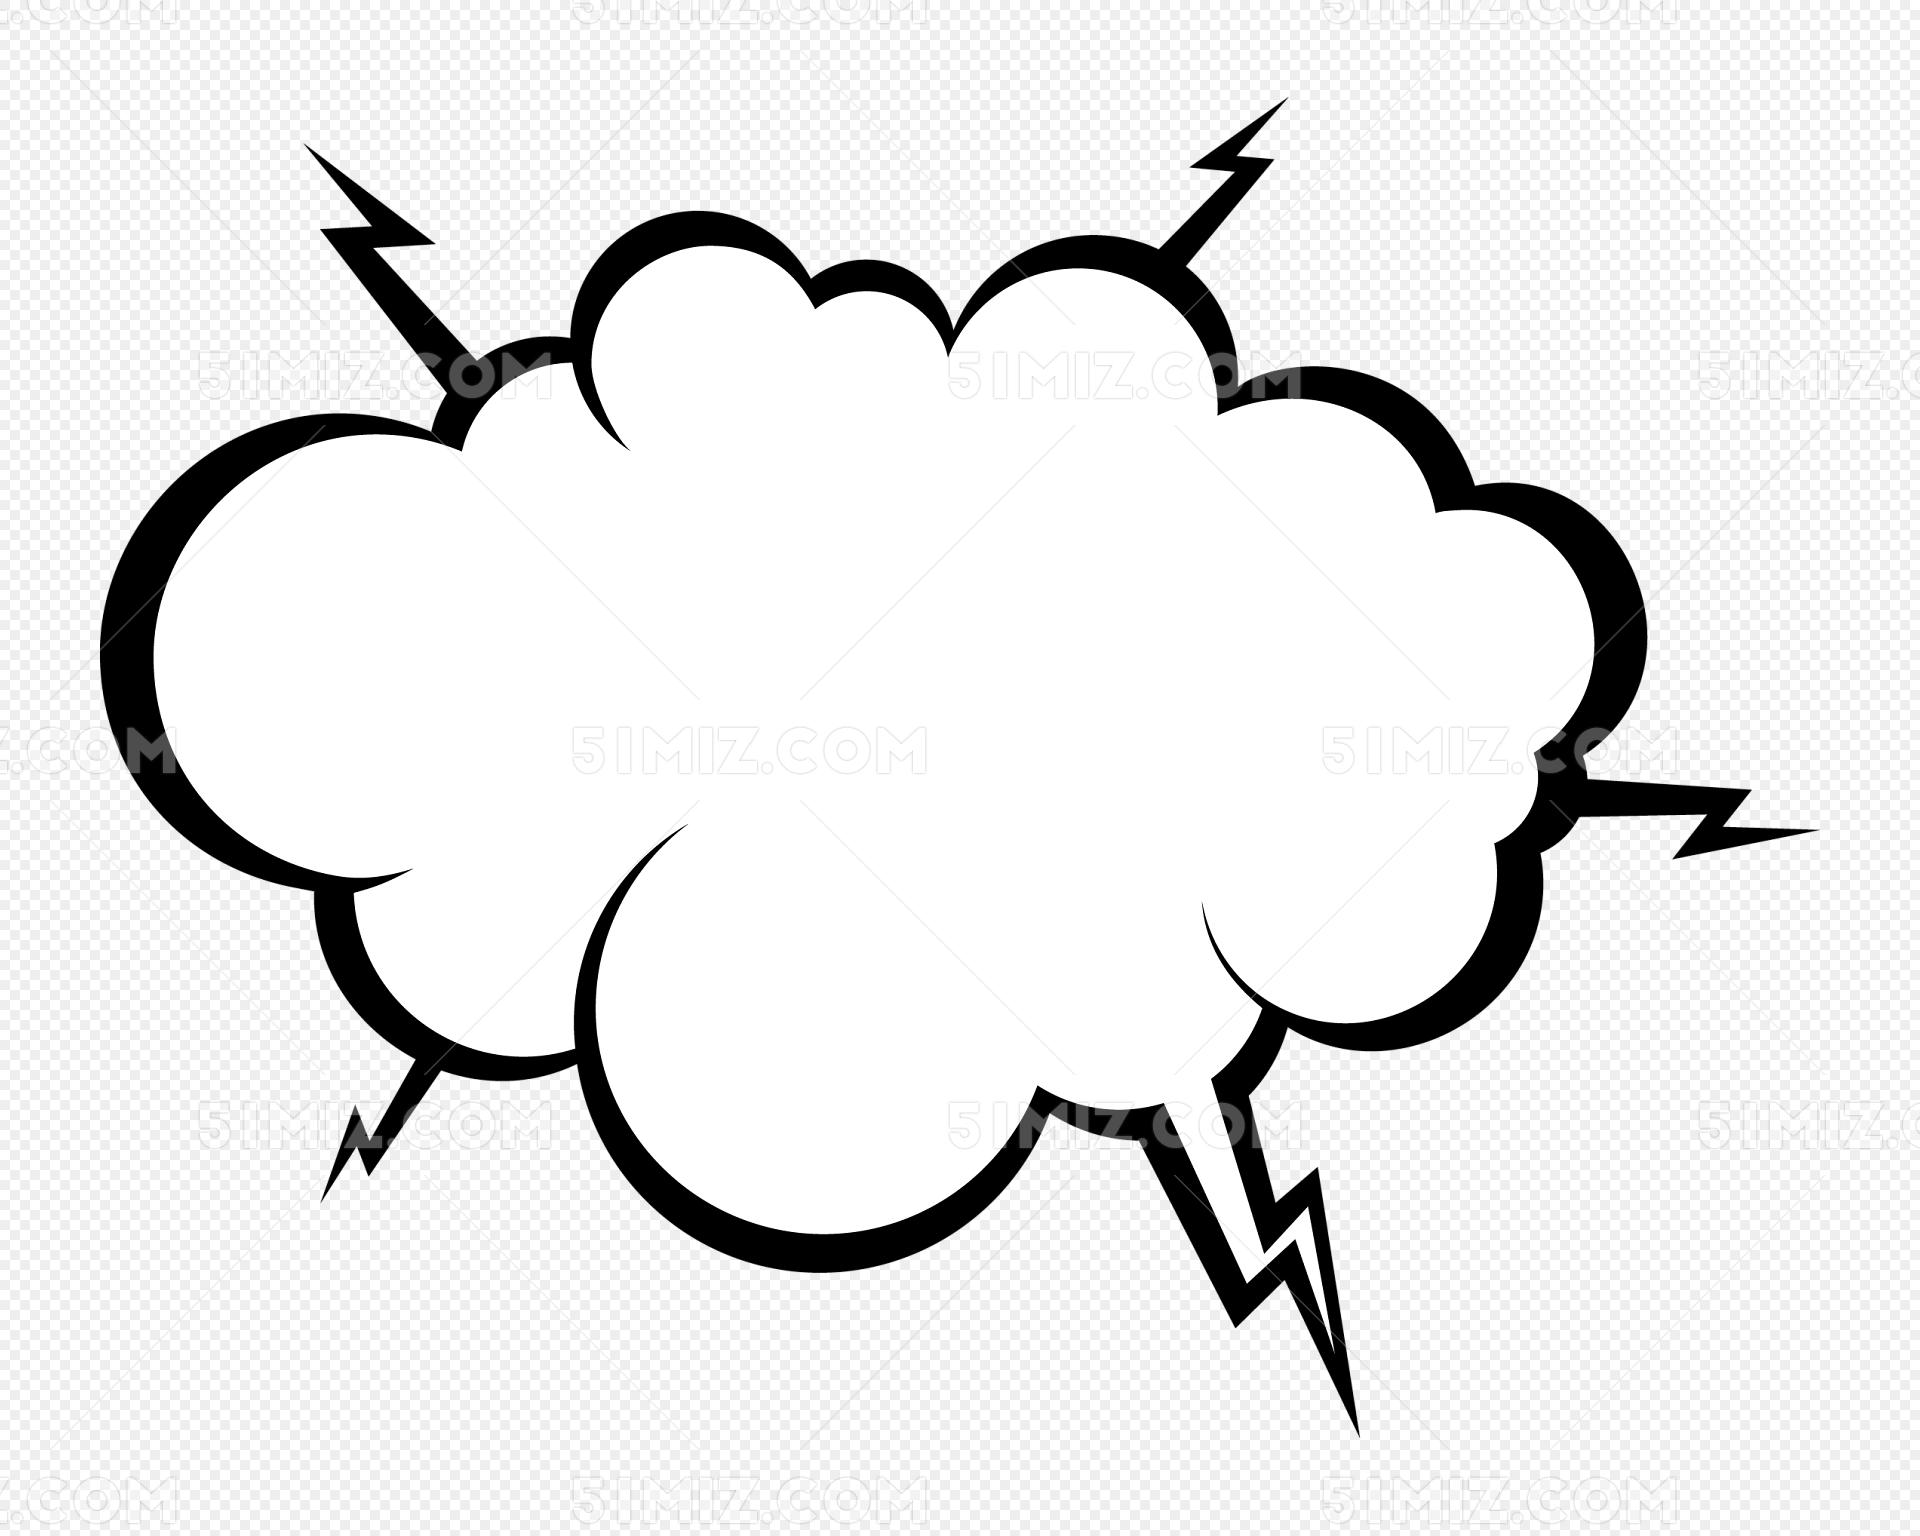 手繪對話框卡通對話框 爆炸對話